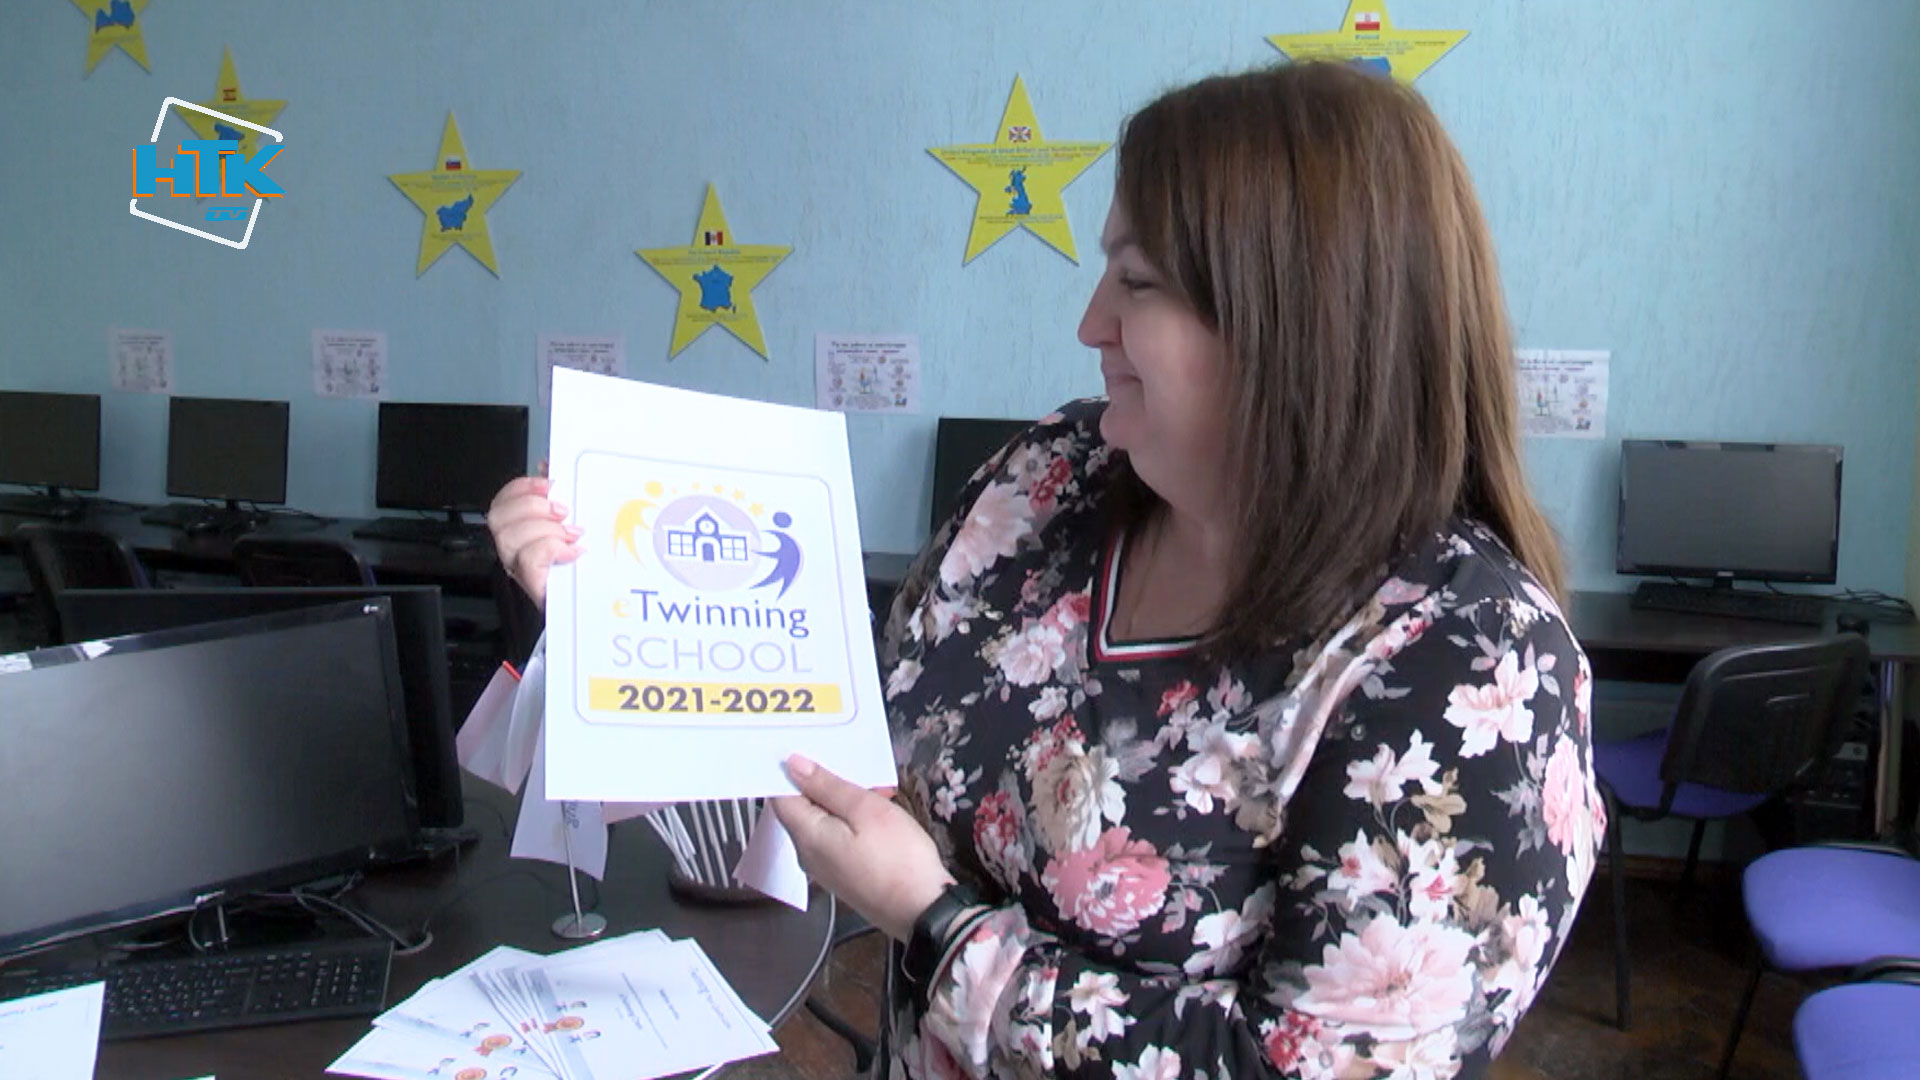 Відзнаку міжнародного рівня отримав ліцей у Коломиї (ВІДЕО)